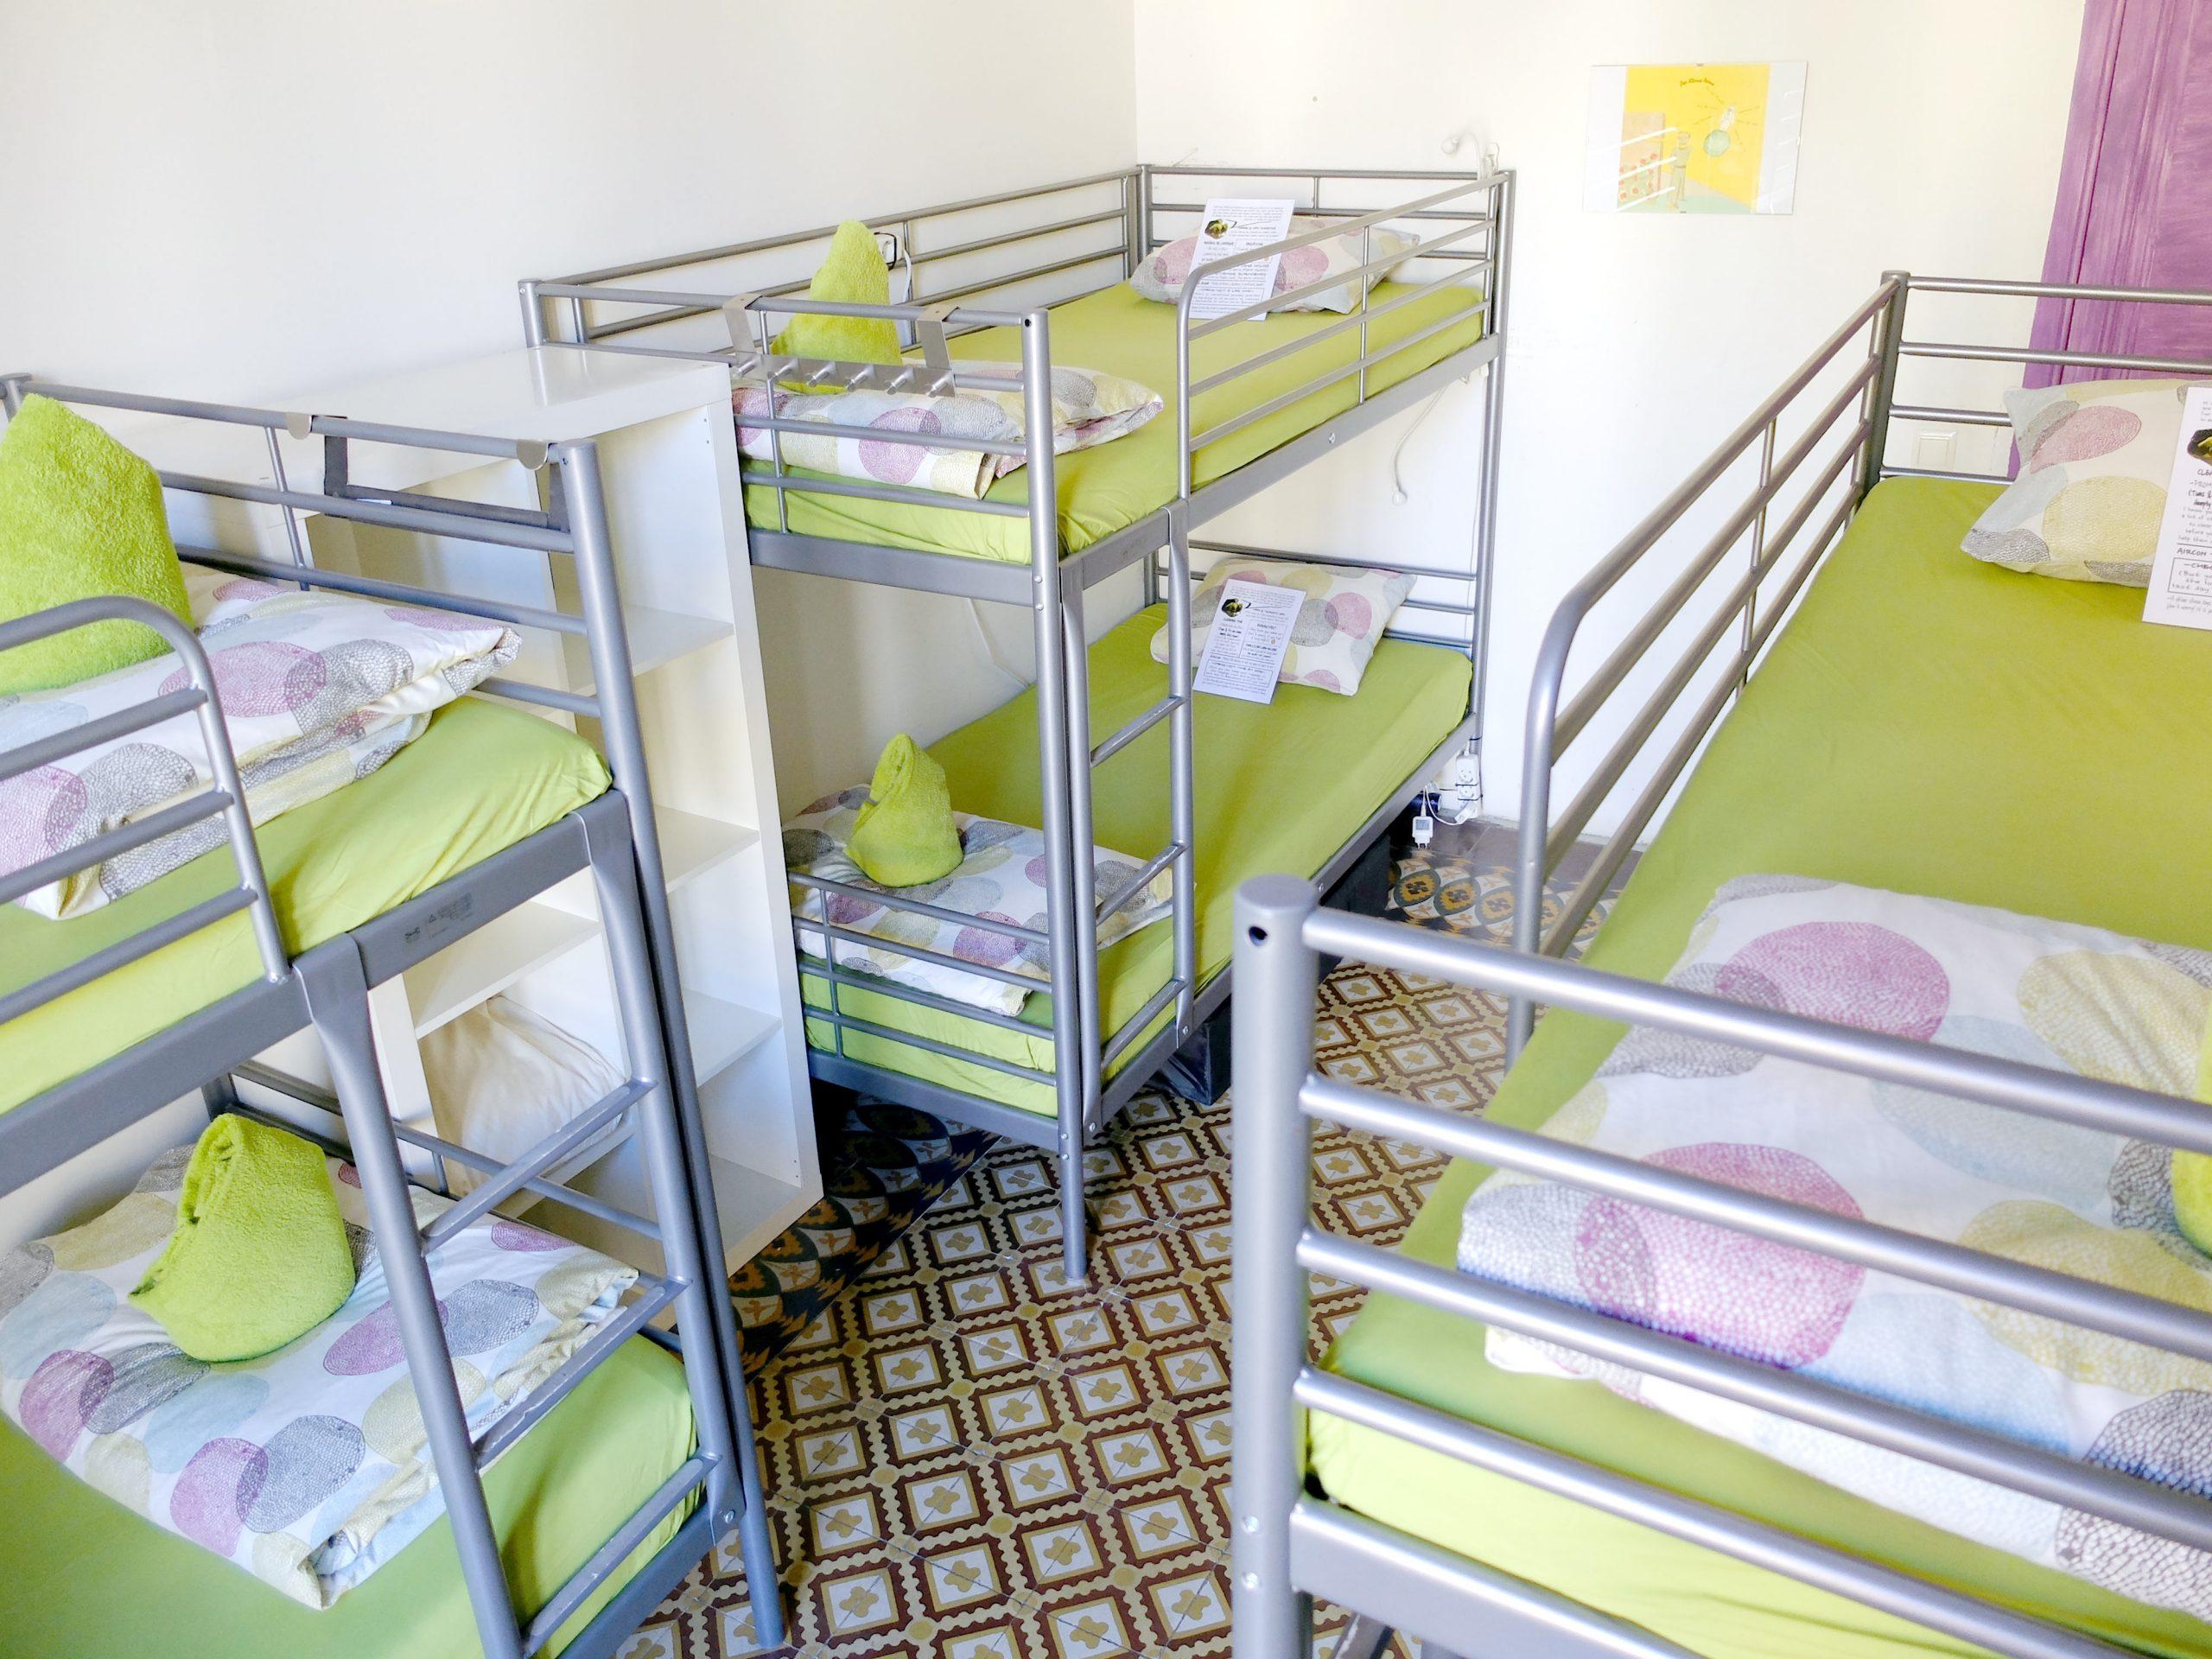 6 BEDS